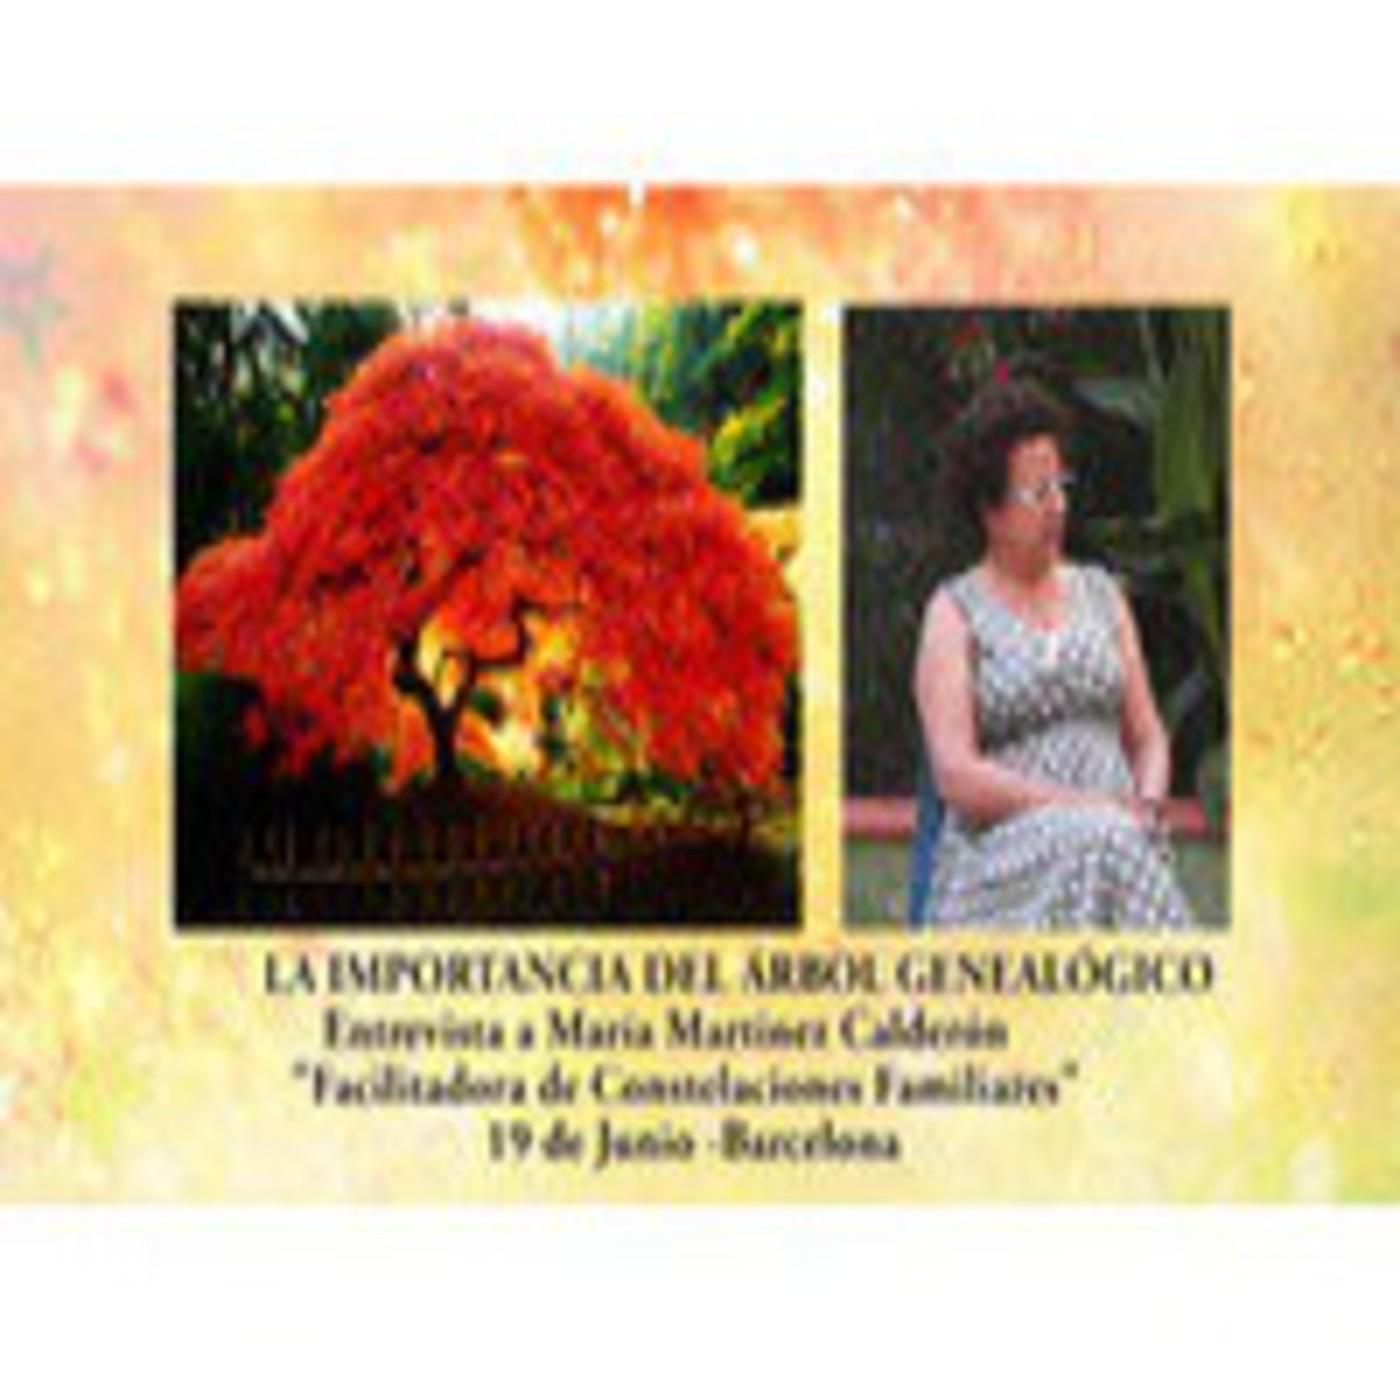 Las Constelaciones según la Biodescodificación - La importancia árbol genealógico Mº Martínez Calderón